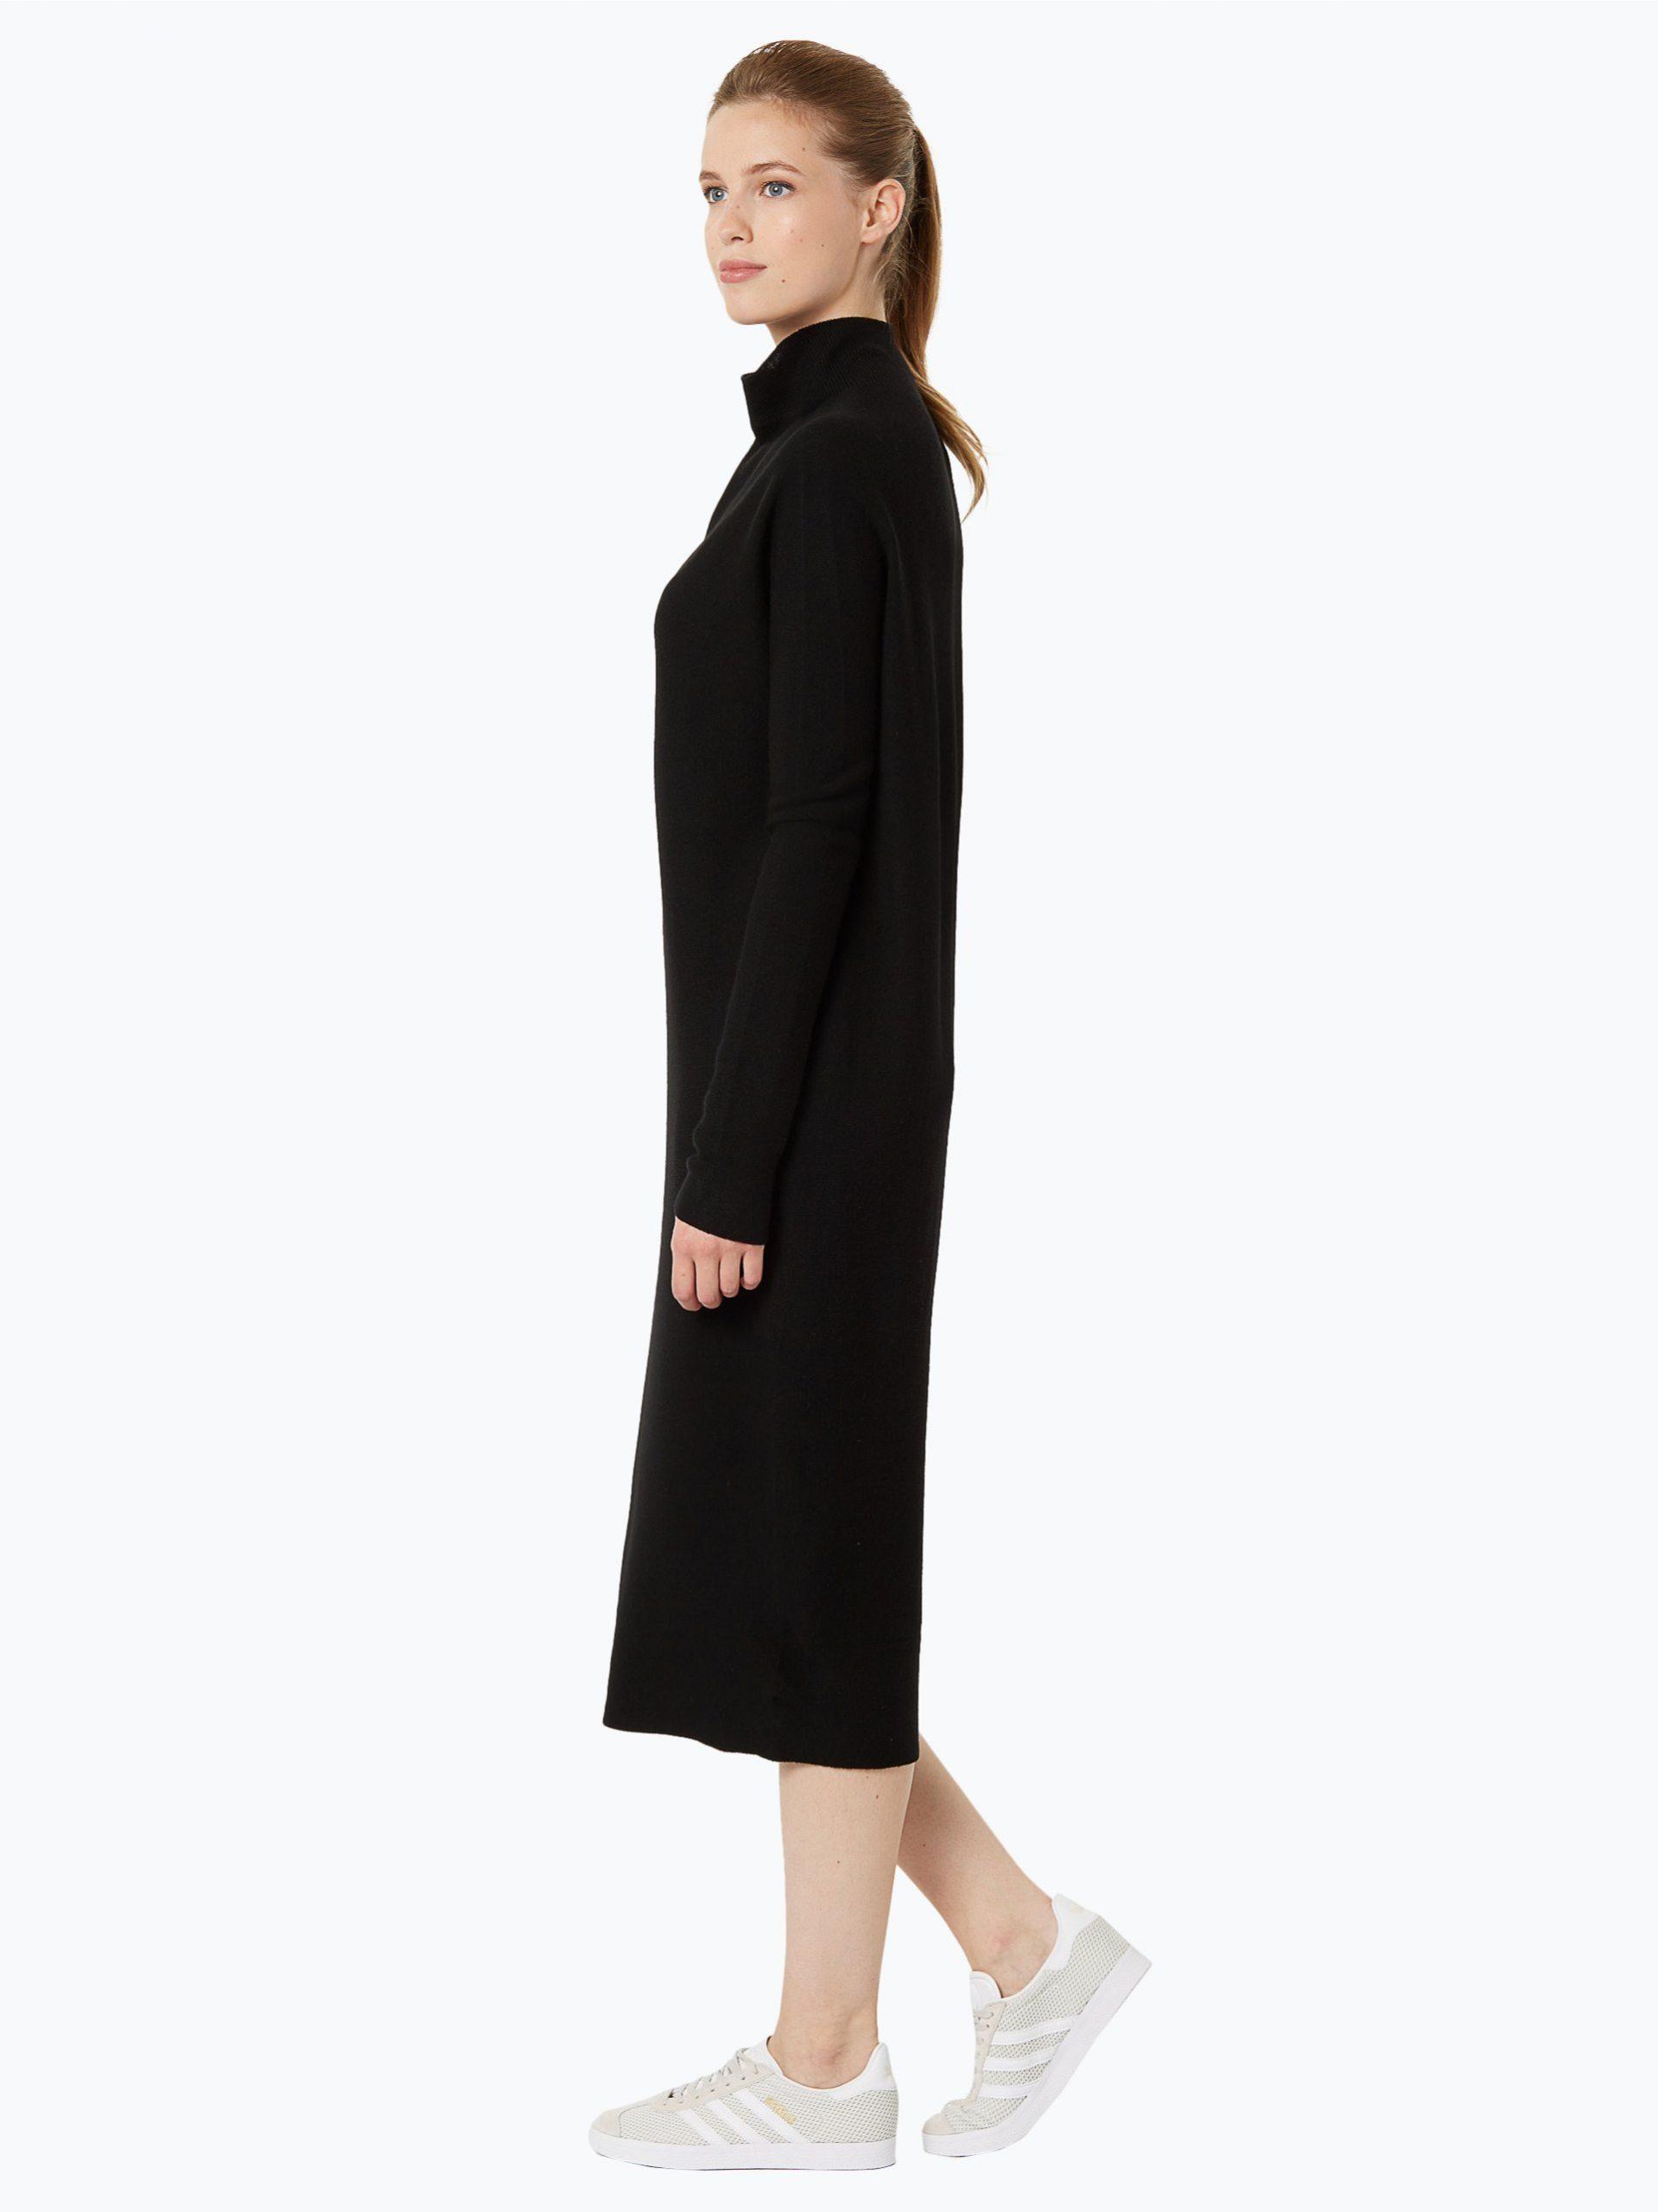 Drykorn Damen Kleid  Effie Online Kaufen  Peekund